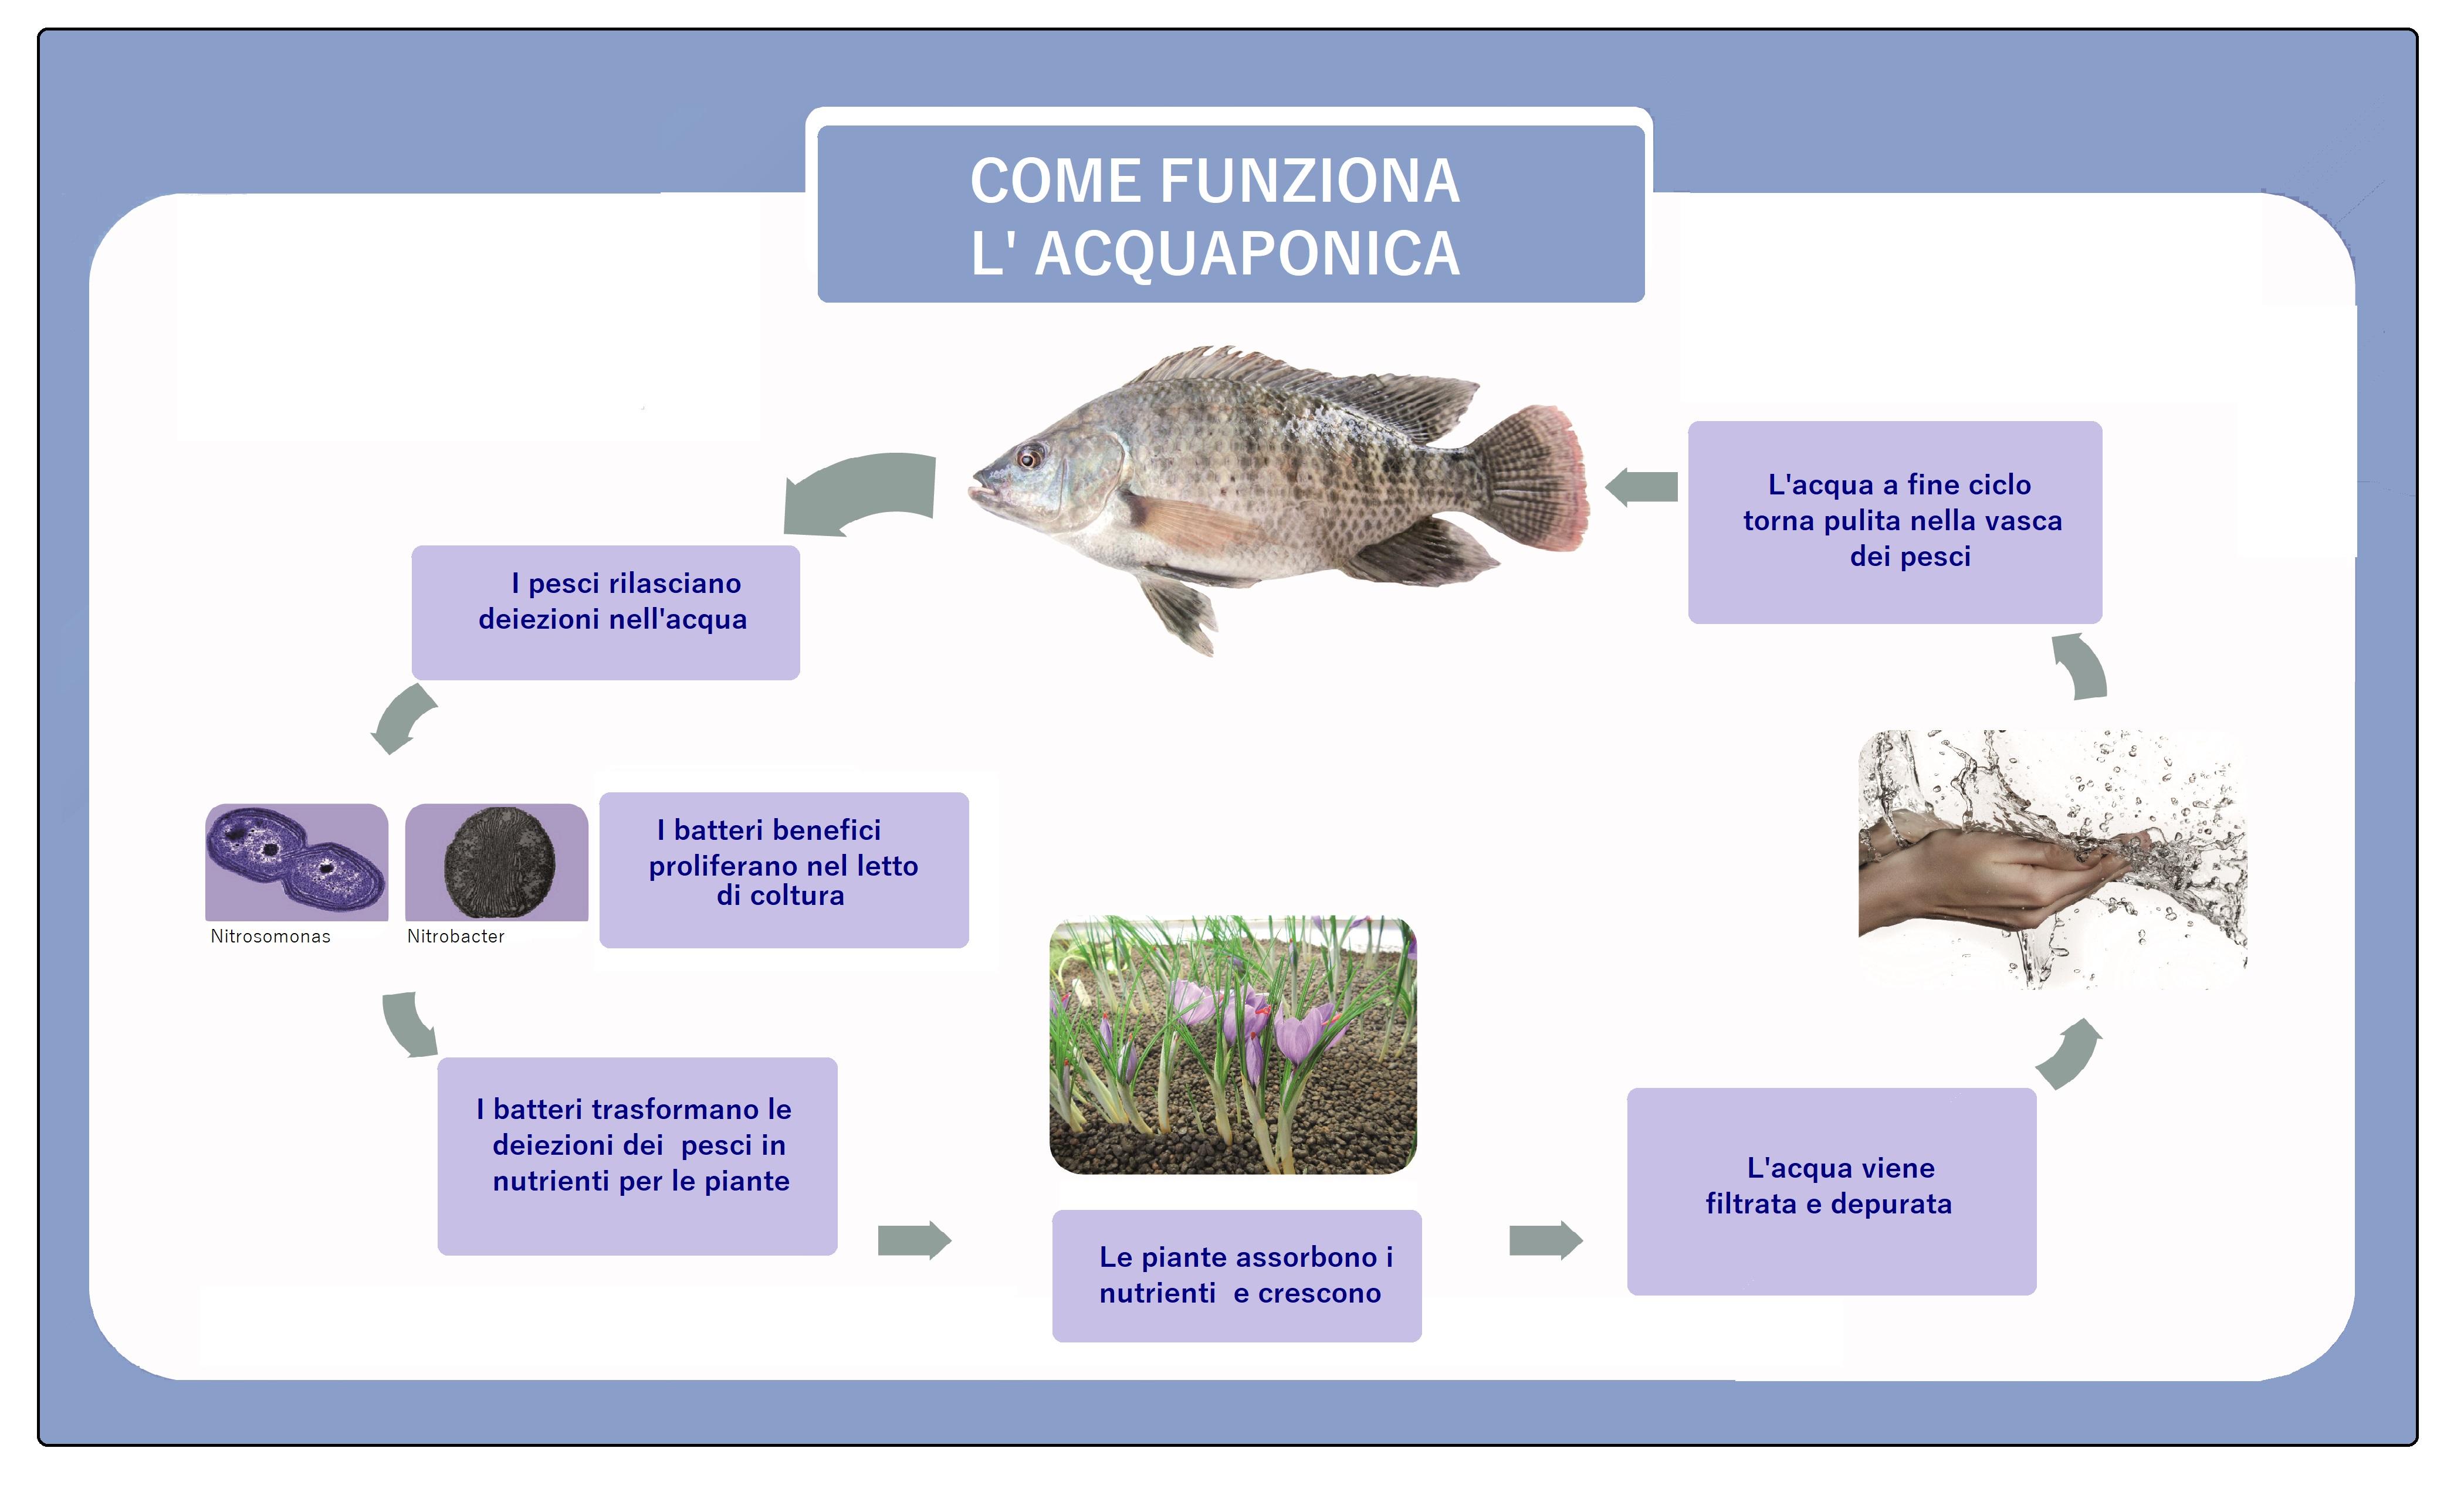 ciclo acquaponico tradotto italiano